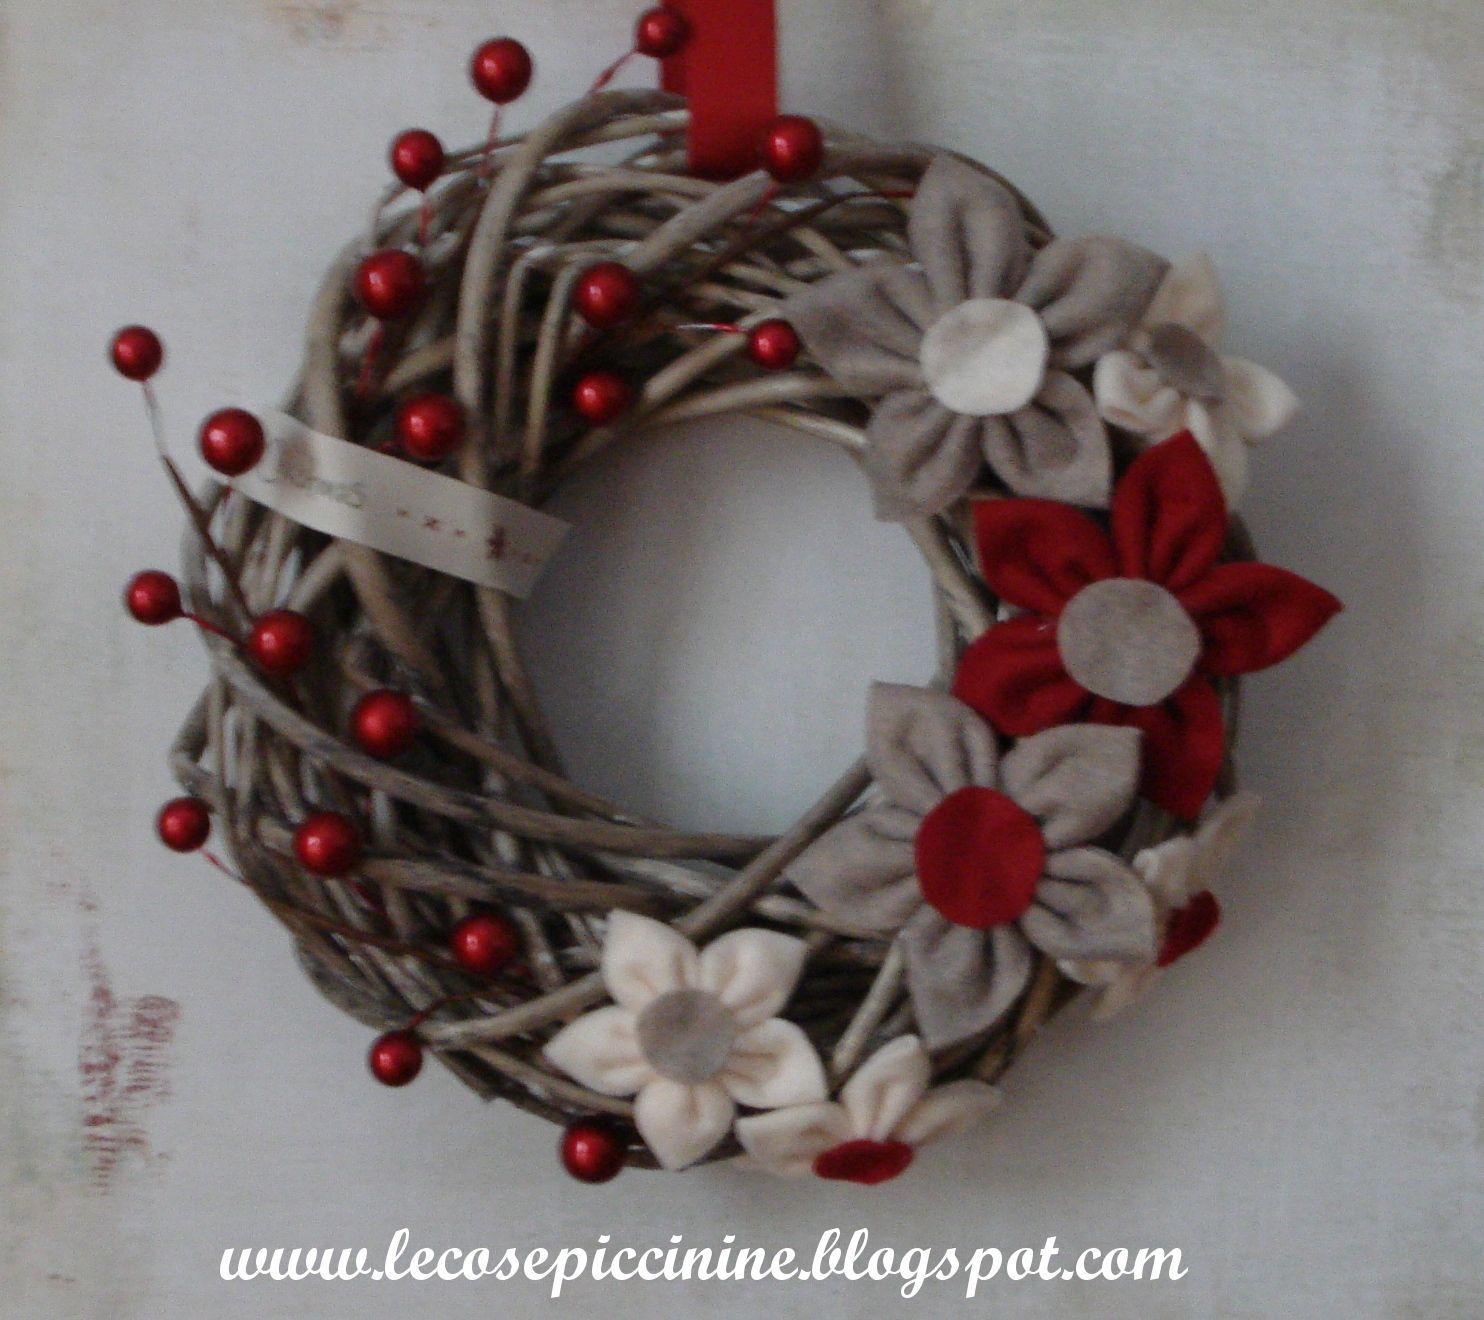 Le cose piccinine altra ghirlanda natalizia sandra - Ghirlanda natalizia per porta fai da te ...